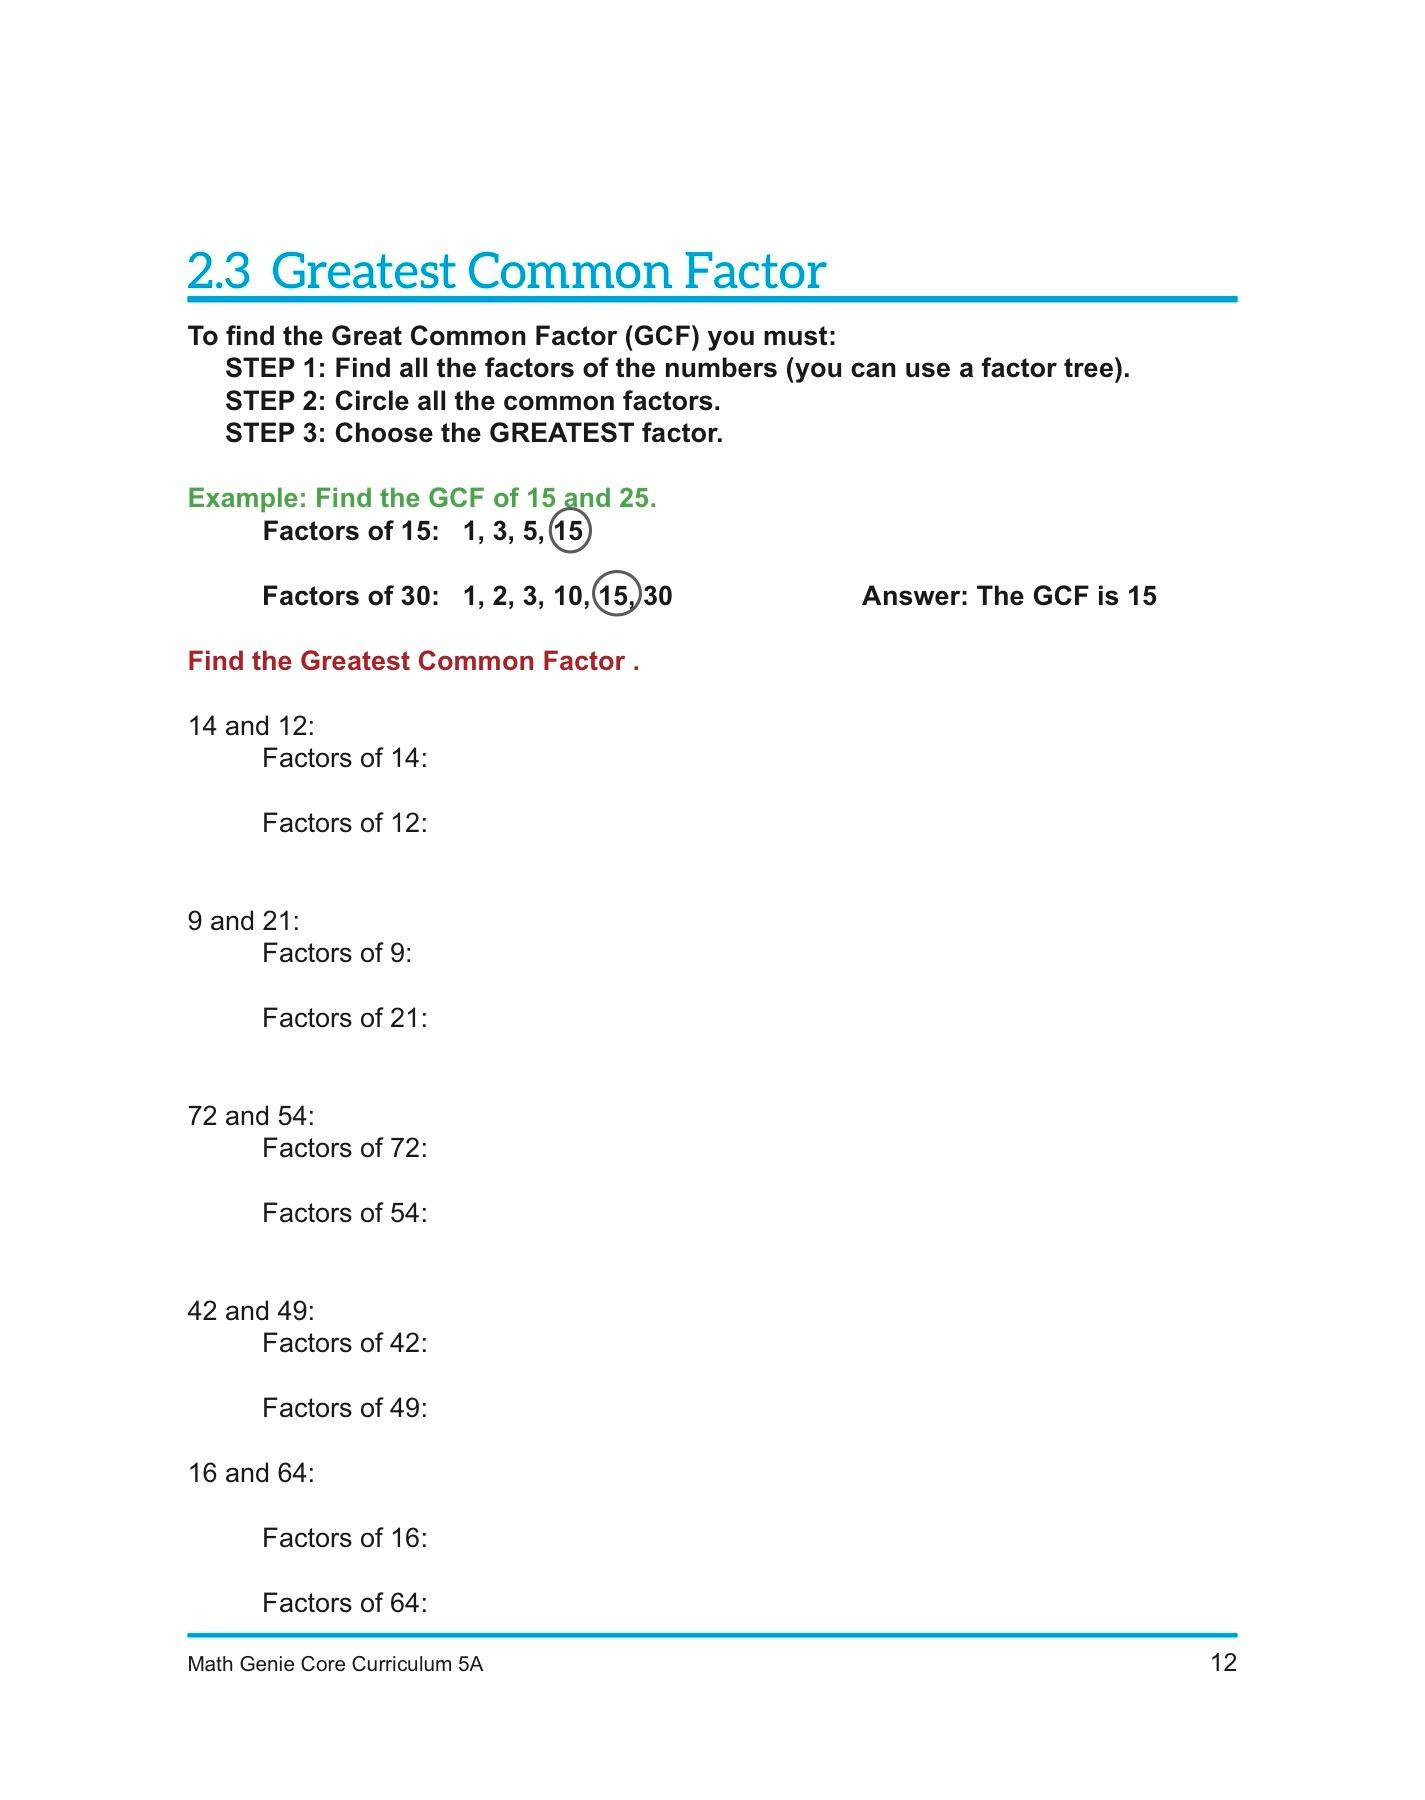 CC5-GCF.jpg